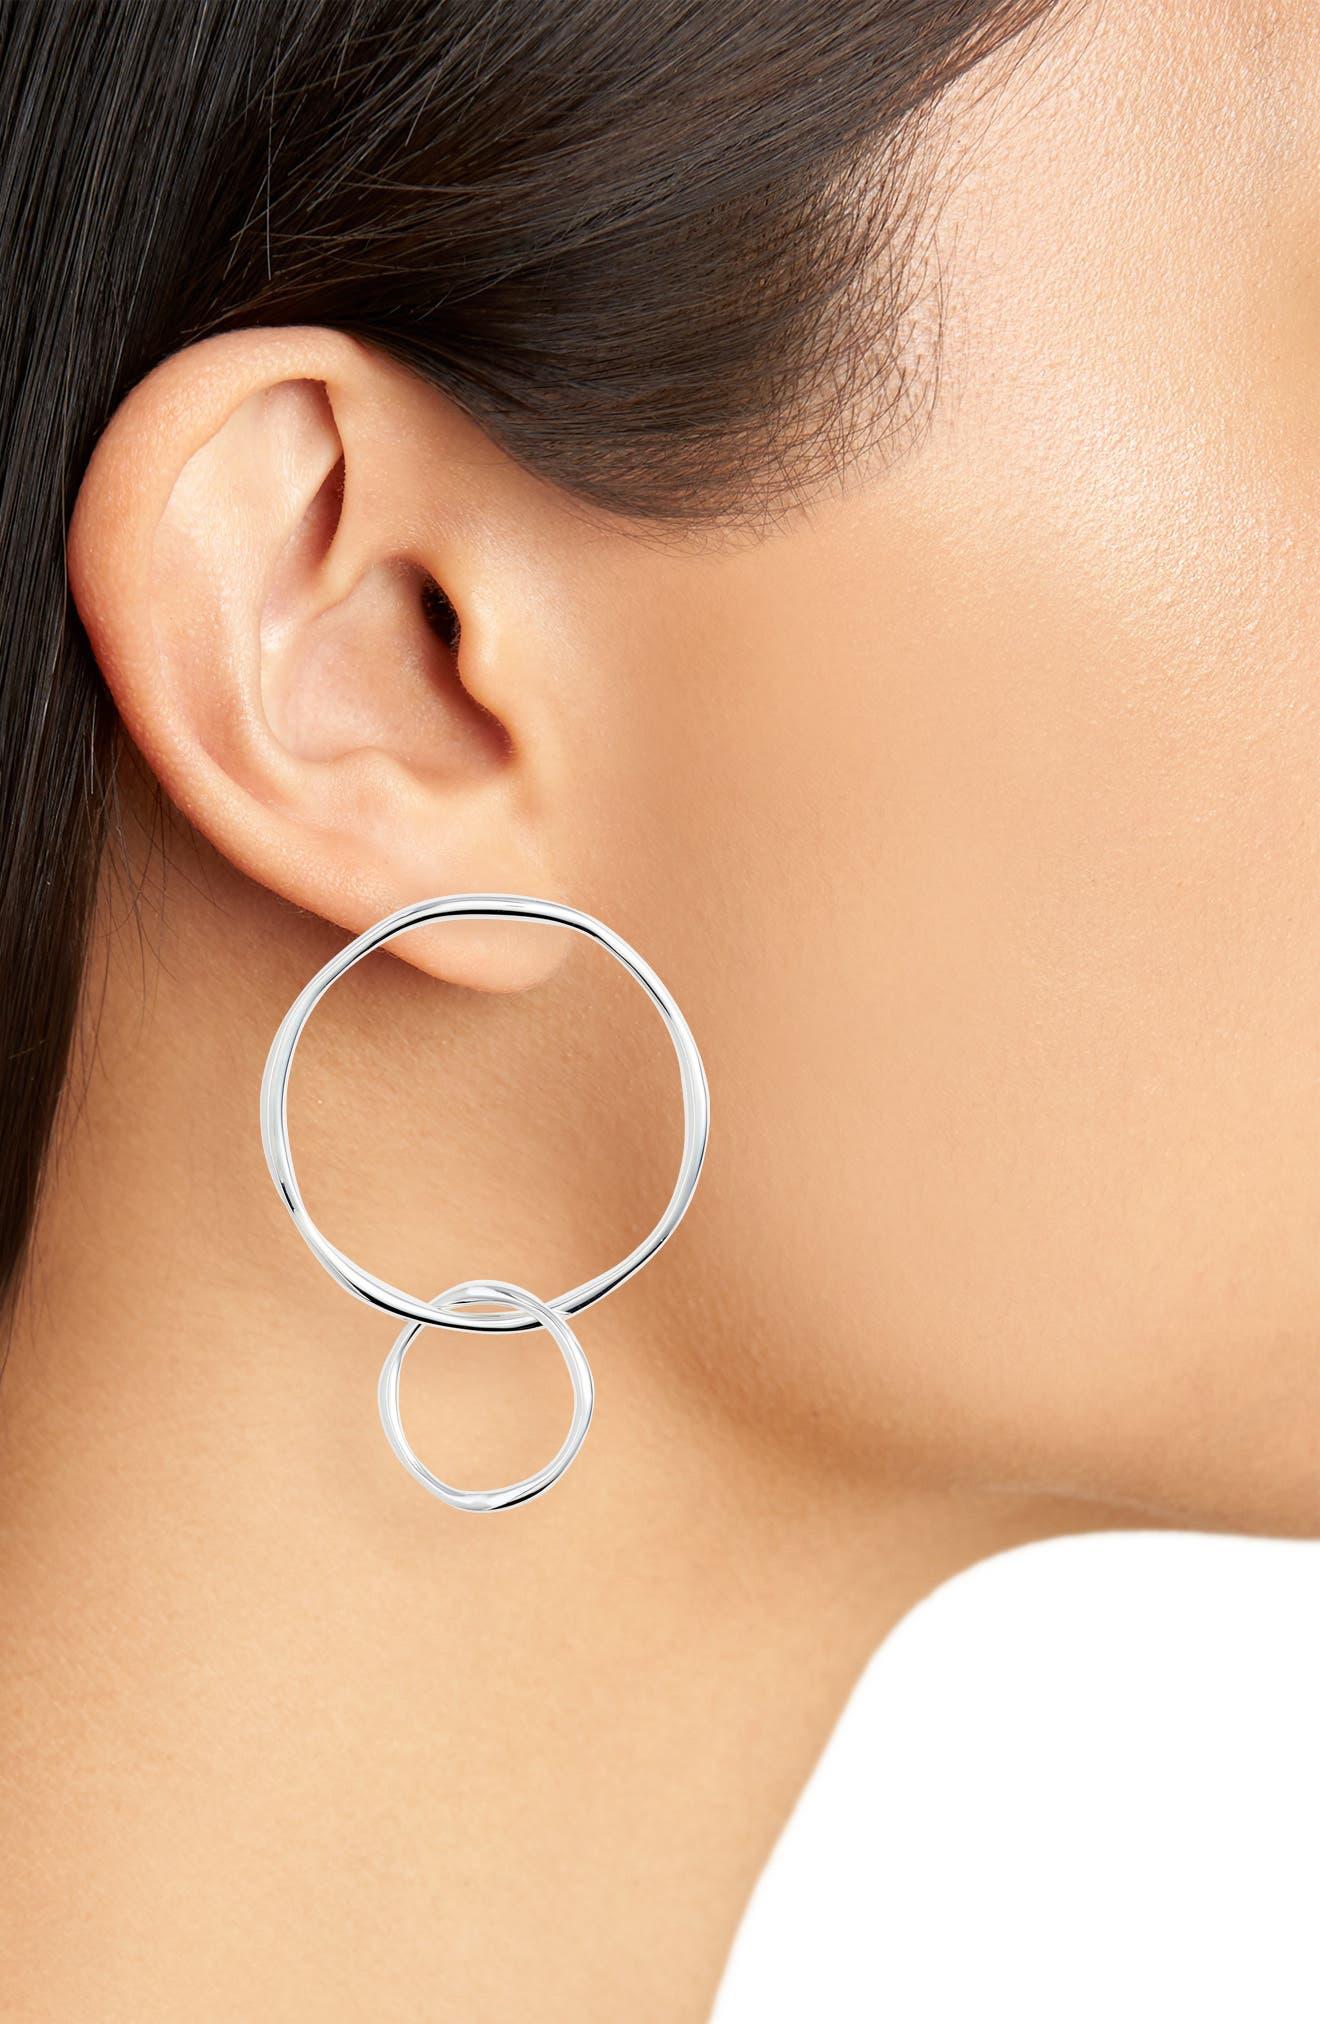 Quinn Linked Earrings,                             Alternate thumbnail 3, color,                             Silver